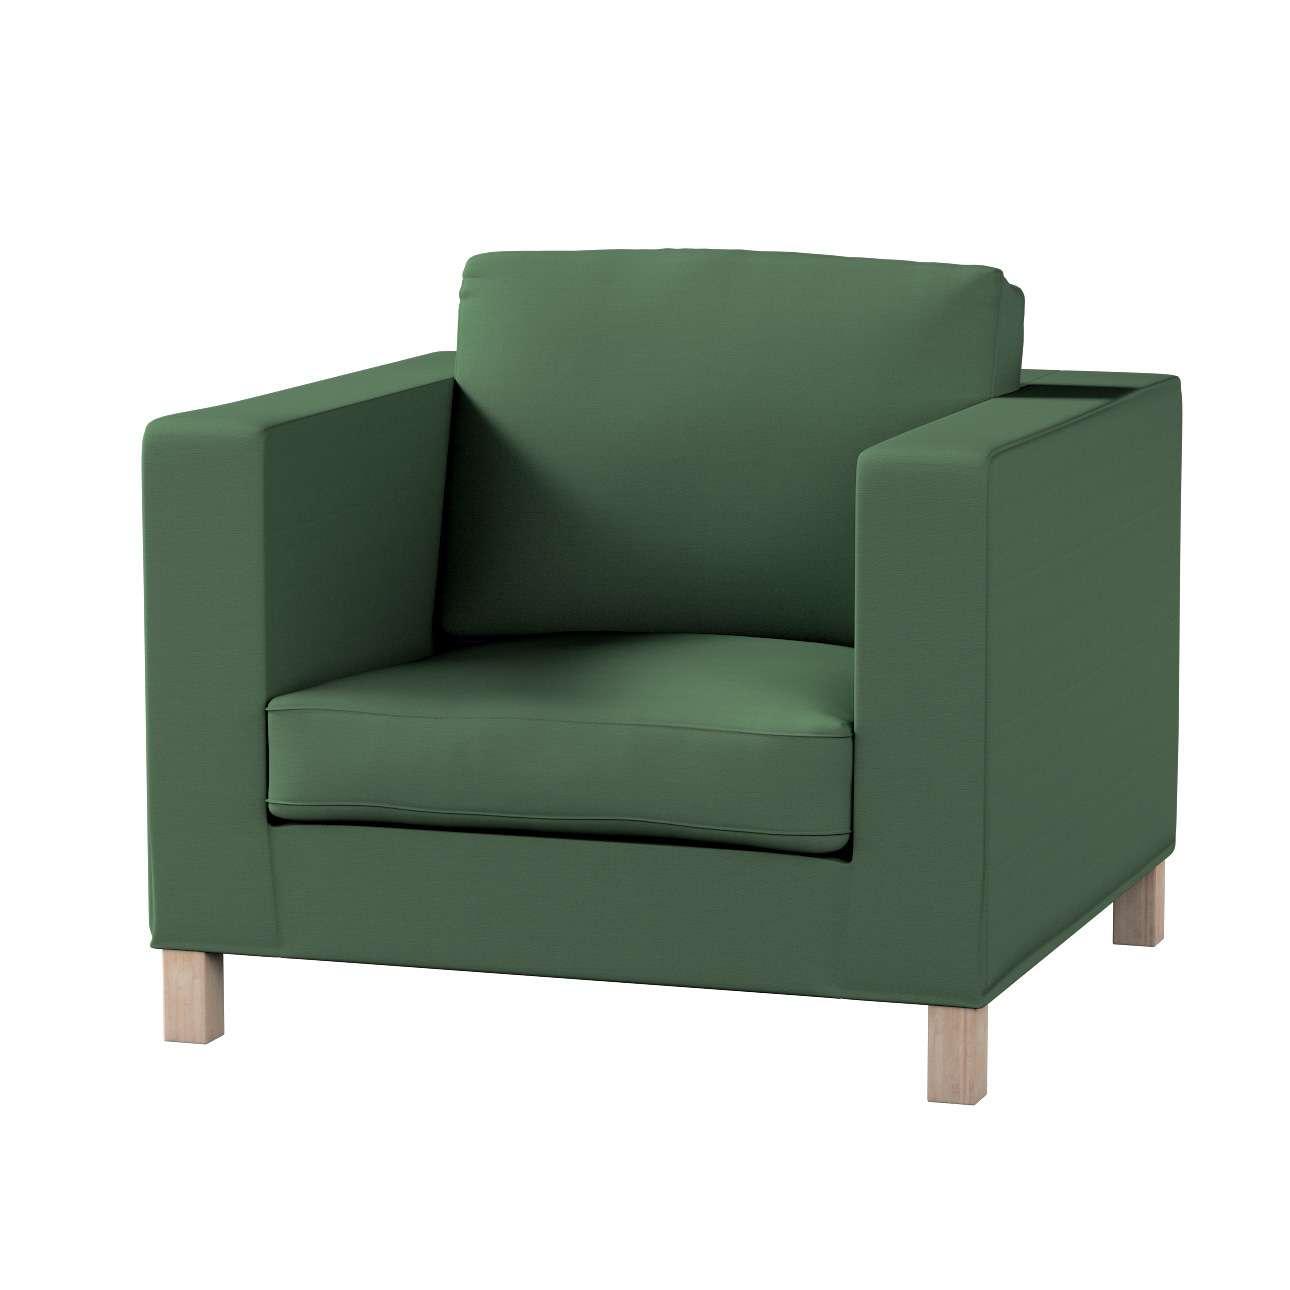 Pokrowiec na fotel Karlanda, krótki fotel Karlanda w kolekcji Cotton Panama, tkanina: 702-06